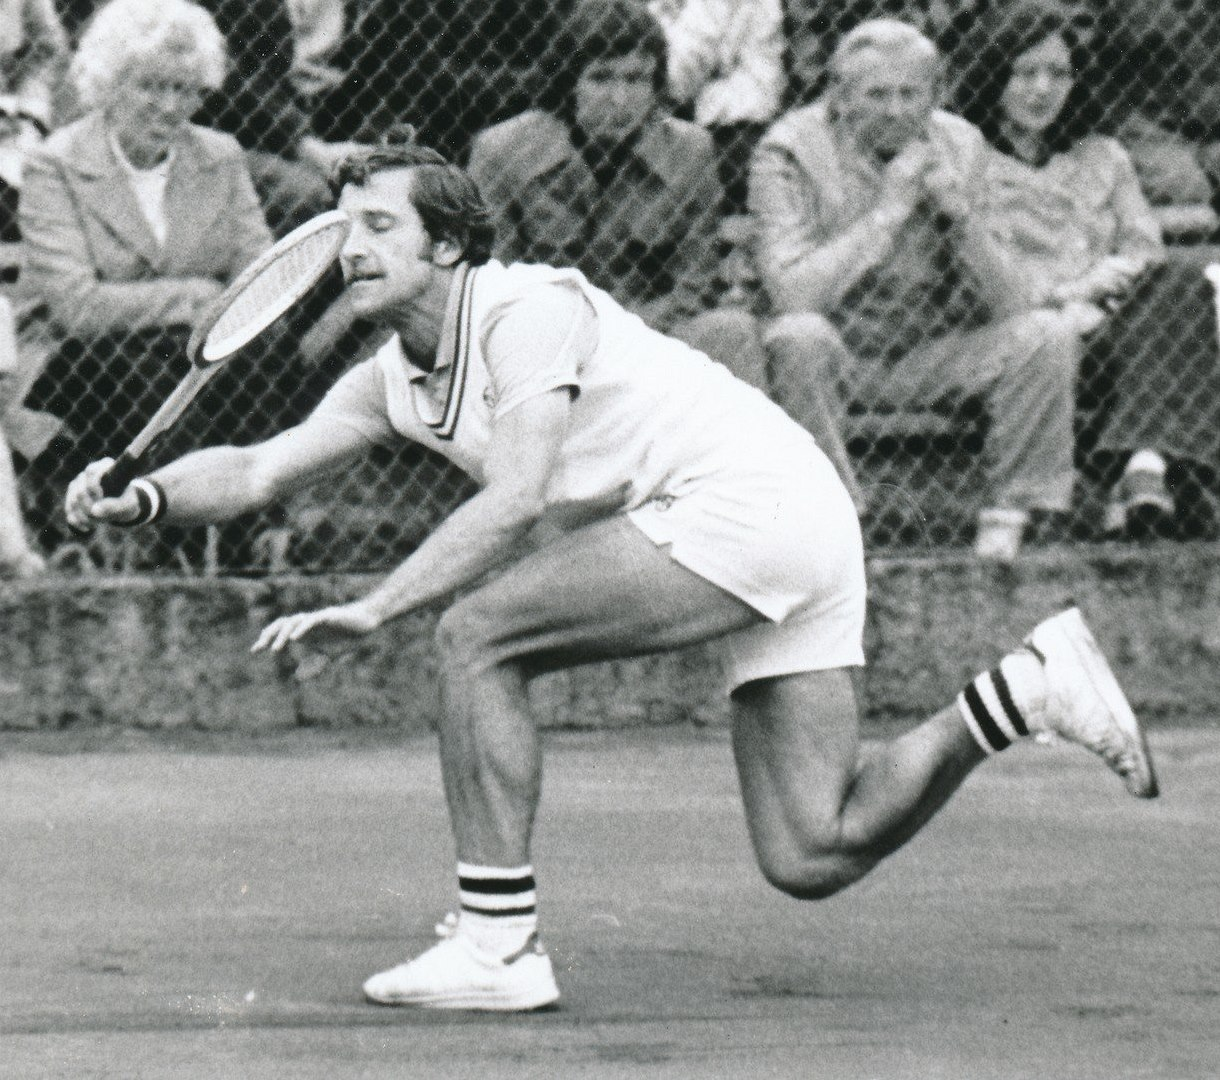 Legenda KodeÅ¡ o Novotné ve Wimbledonu NejvětÅ¡ zážitek Když